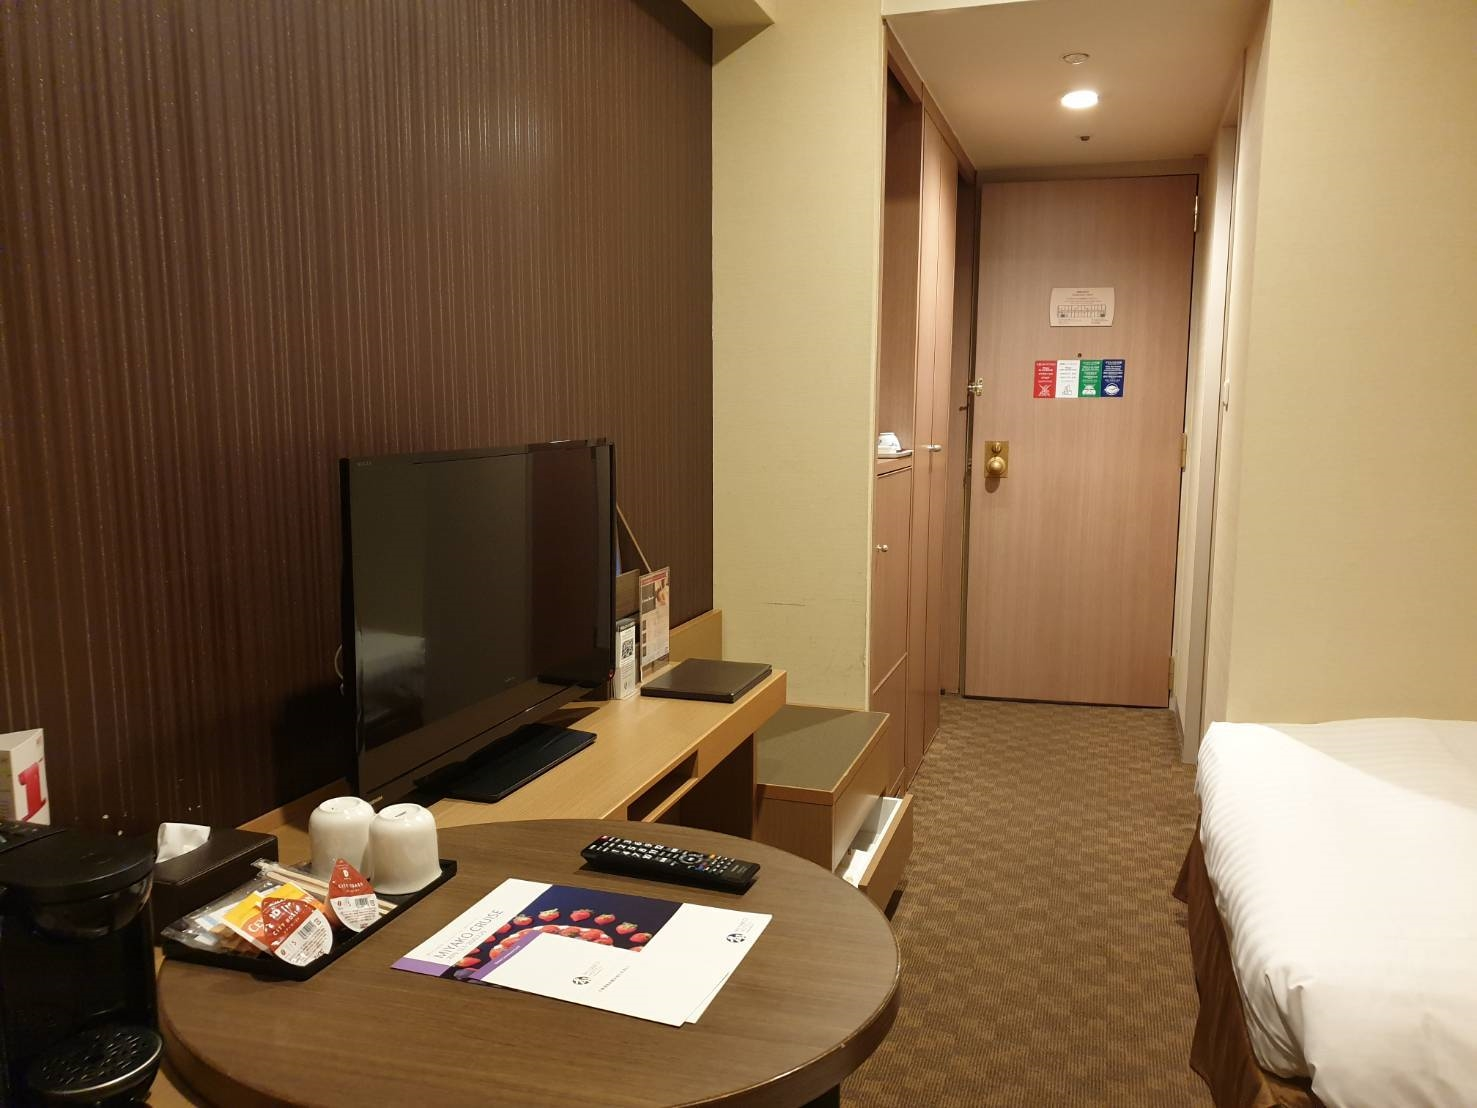 3. โรงแรม Miyako 200211 0006